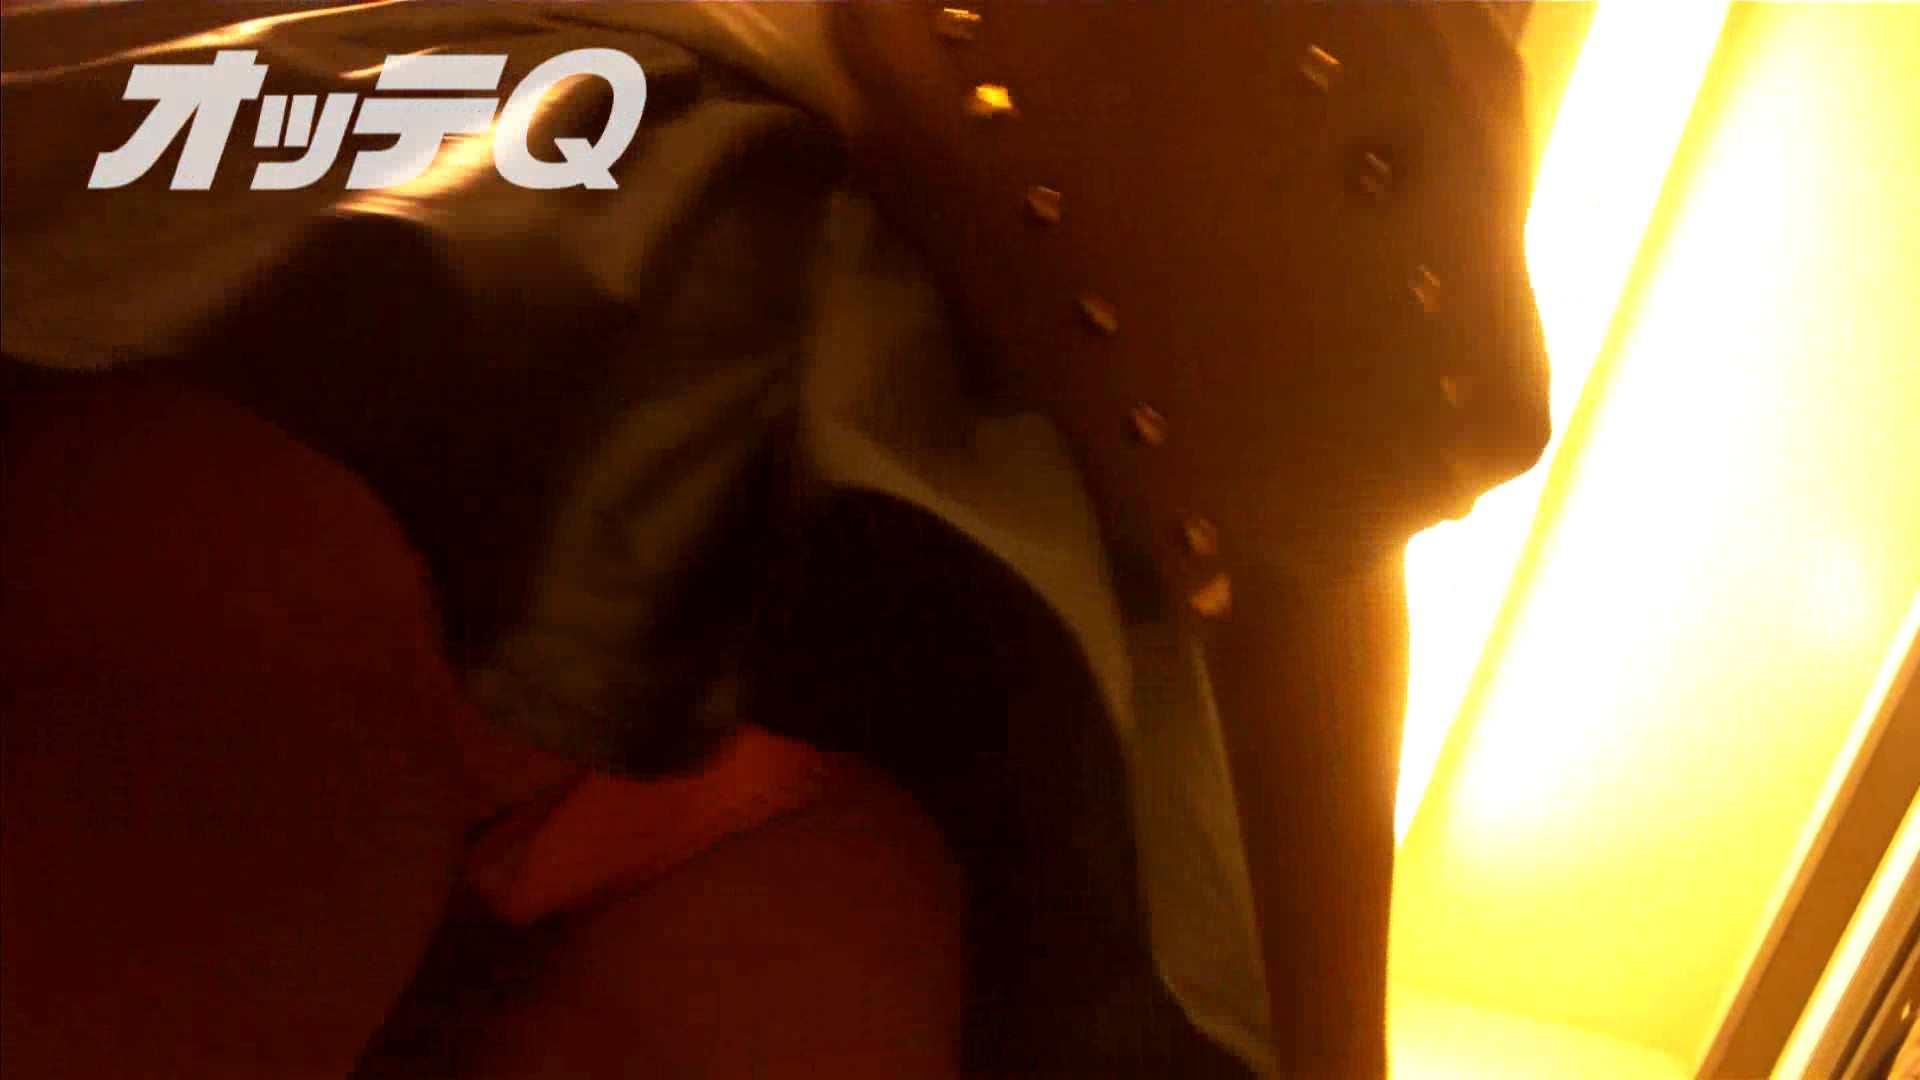 ハイビジョンパンチラ オッテQさんの追跡パンチラデパート編VOL.03 OLヌード天国 | パンチラ  74PIX 19